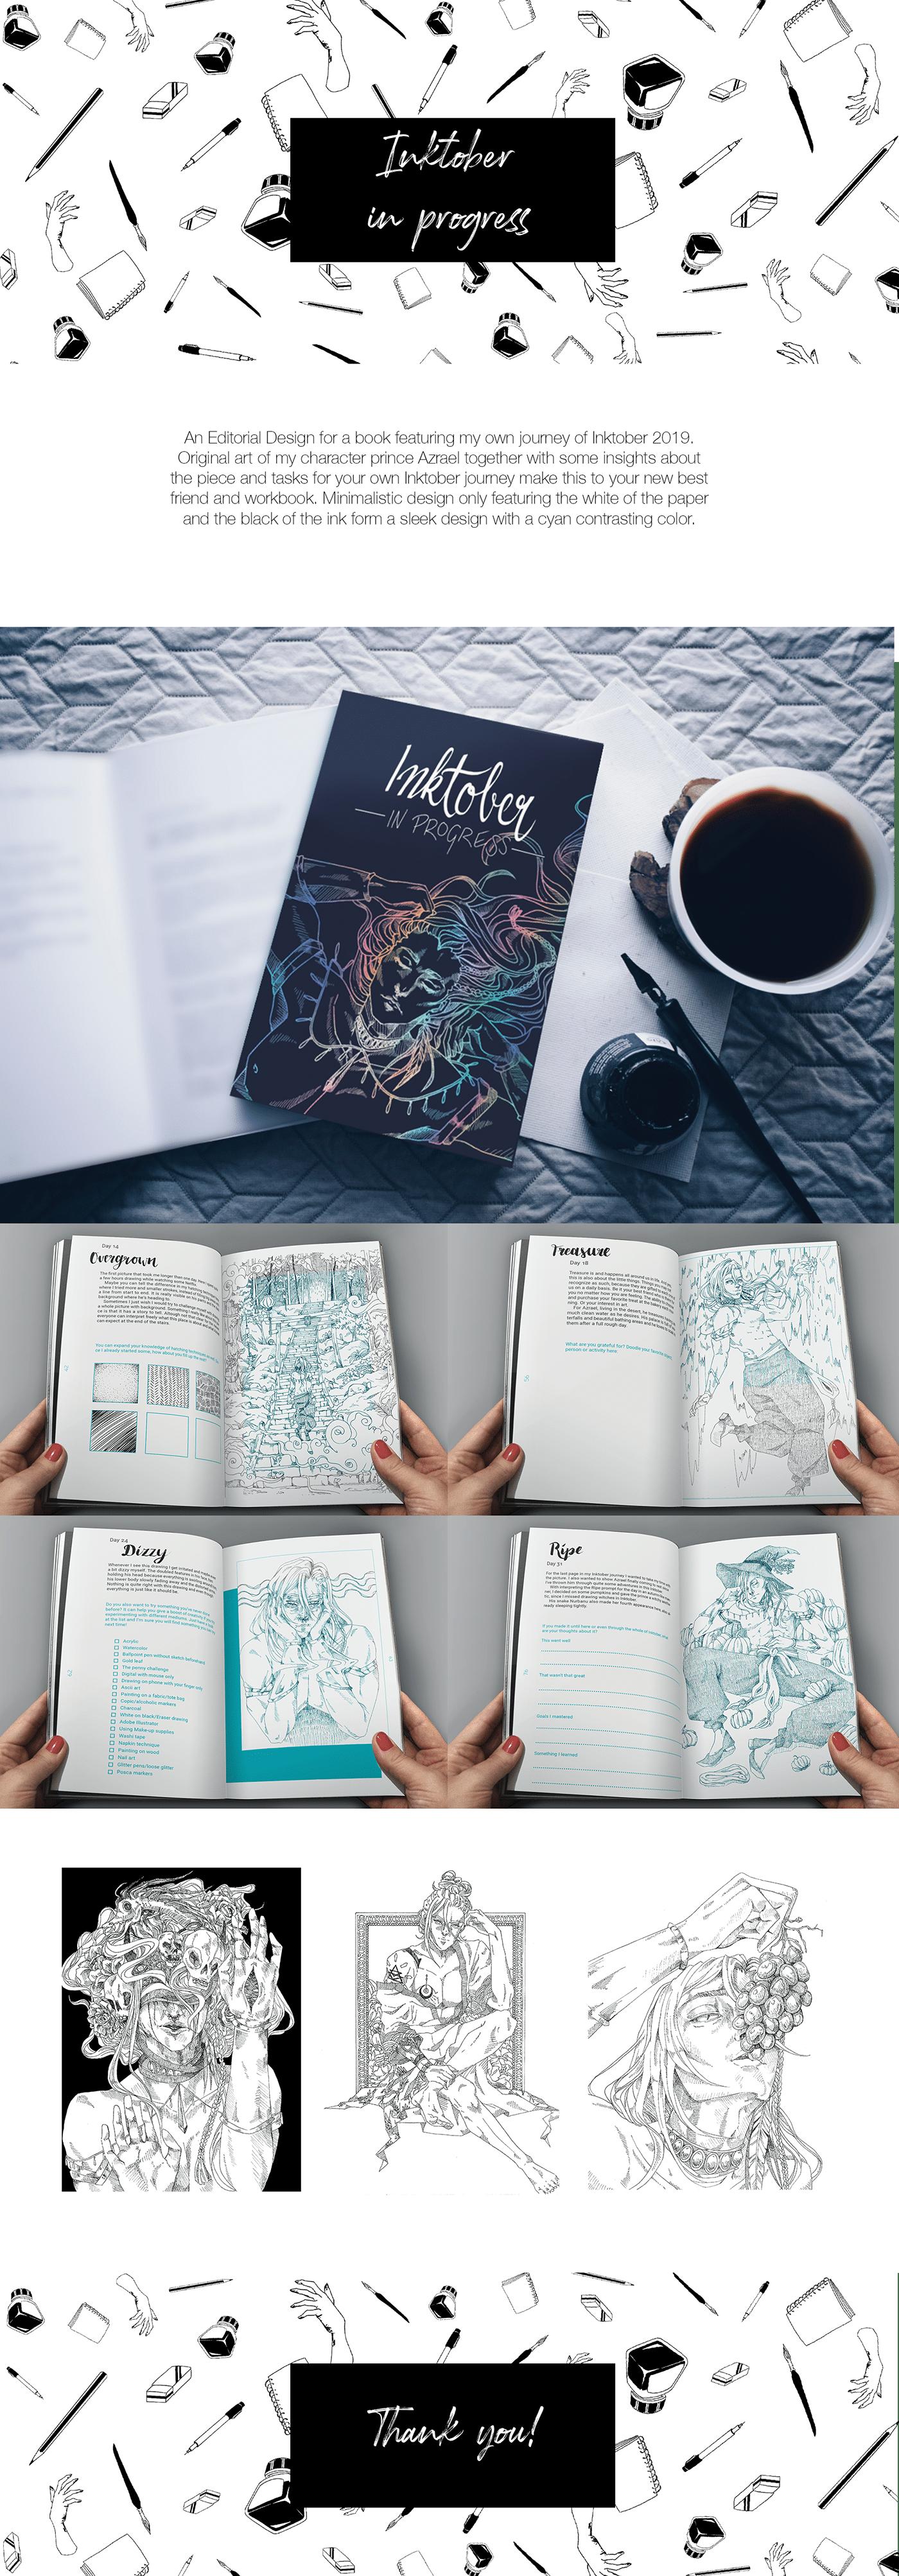 Image may contain: handwriting, book and drawing